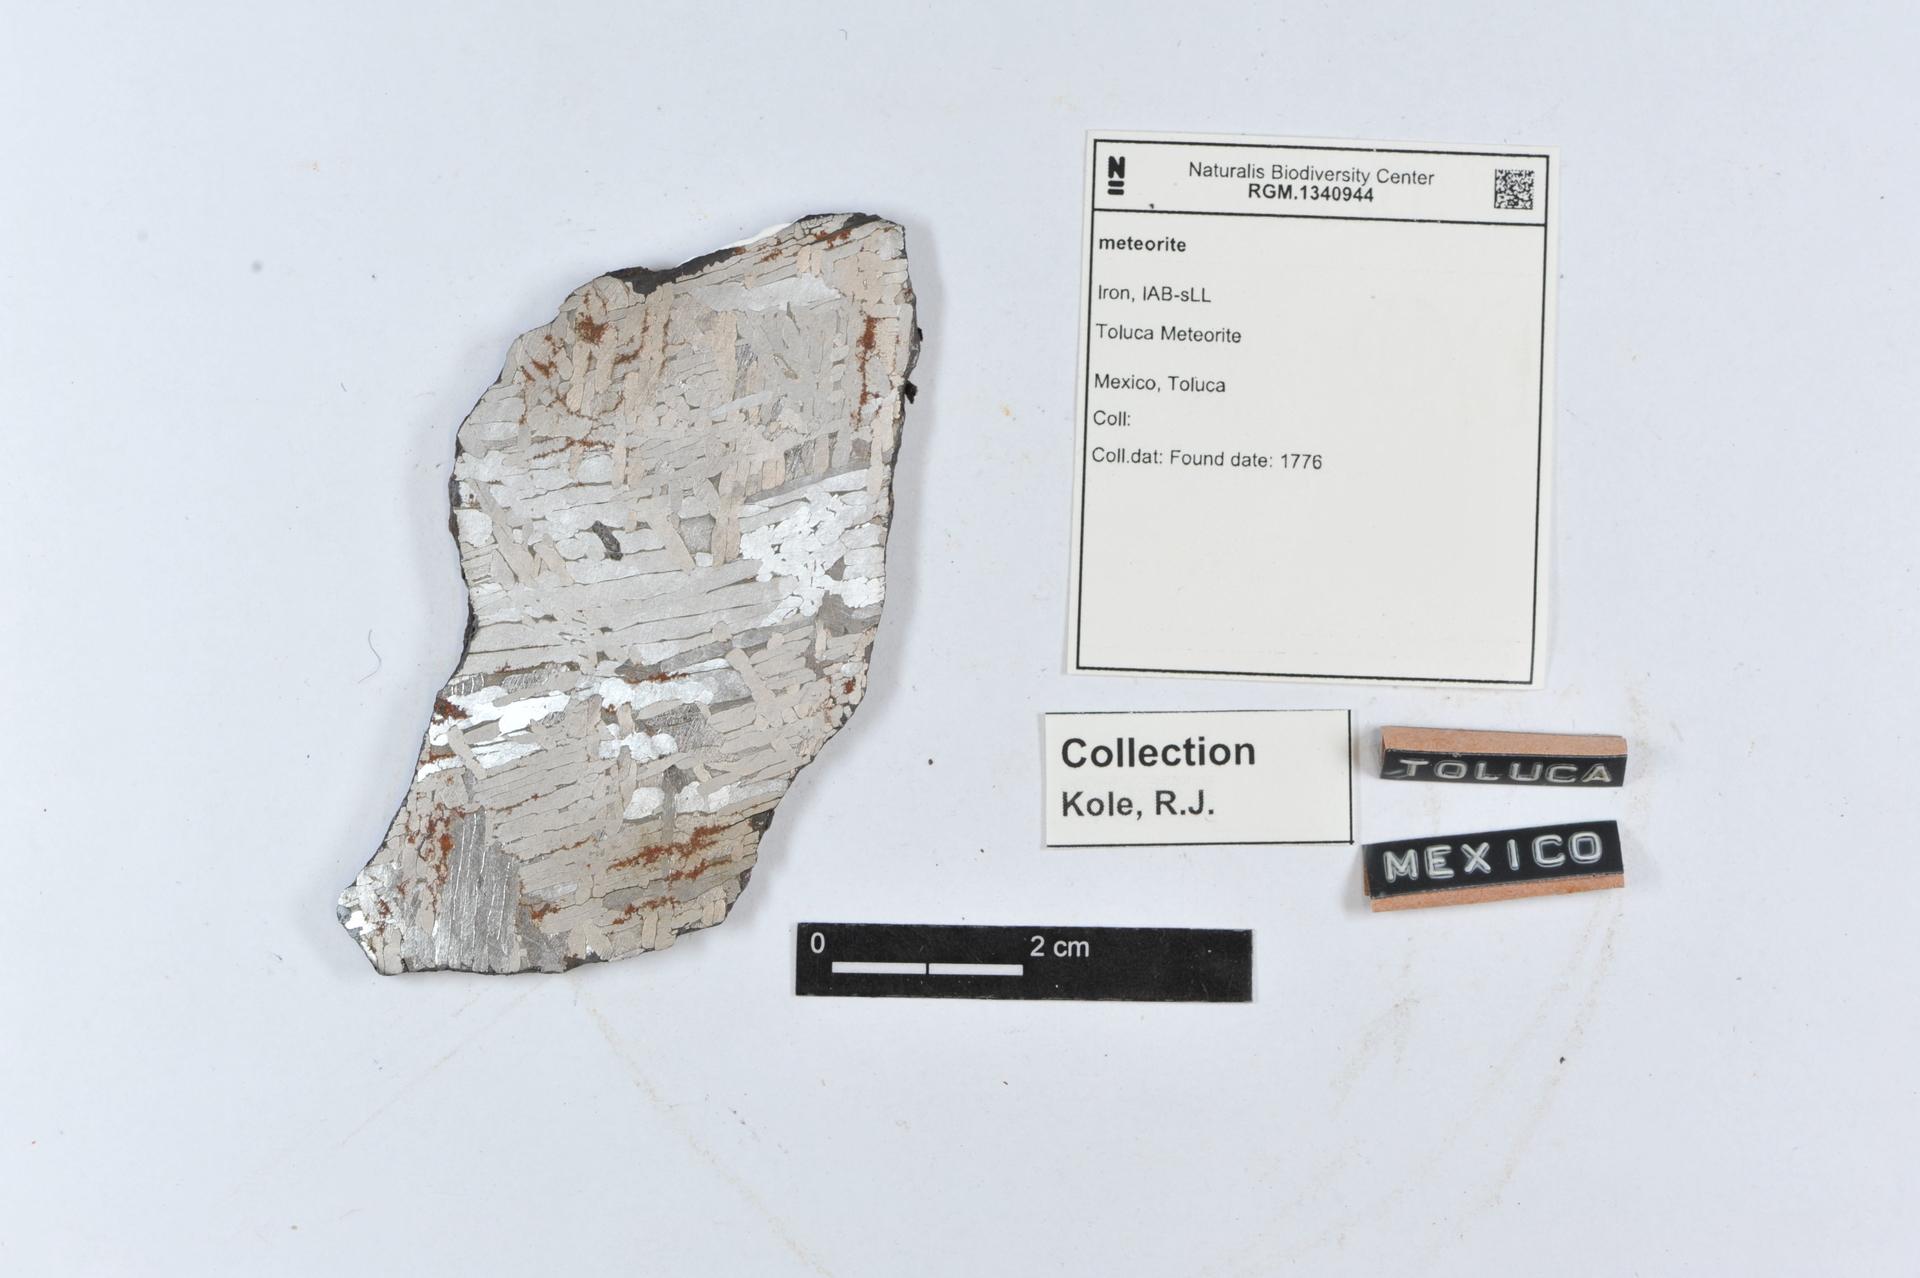 RGM.1340944 | Iron, IAB-sLL